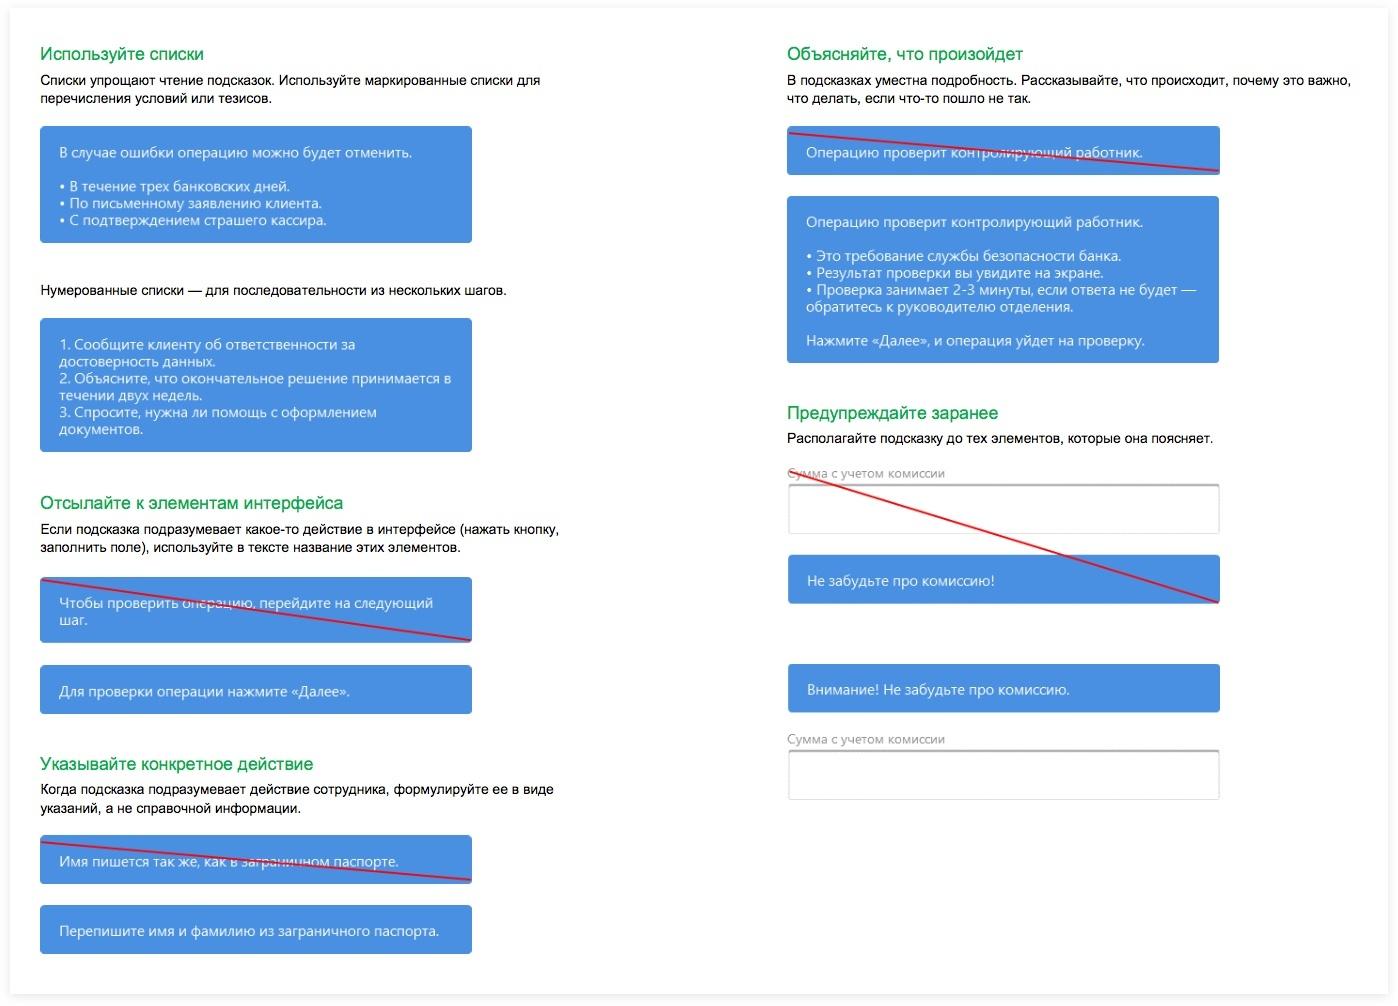 Рекомендации к составлению подсказок для новичков  | sobakapav.ru